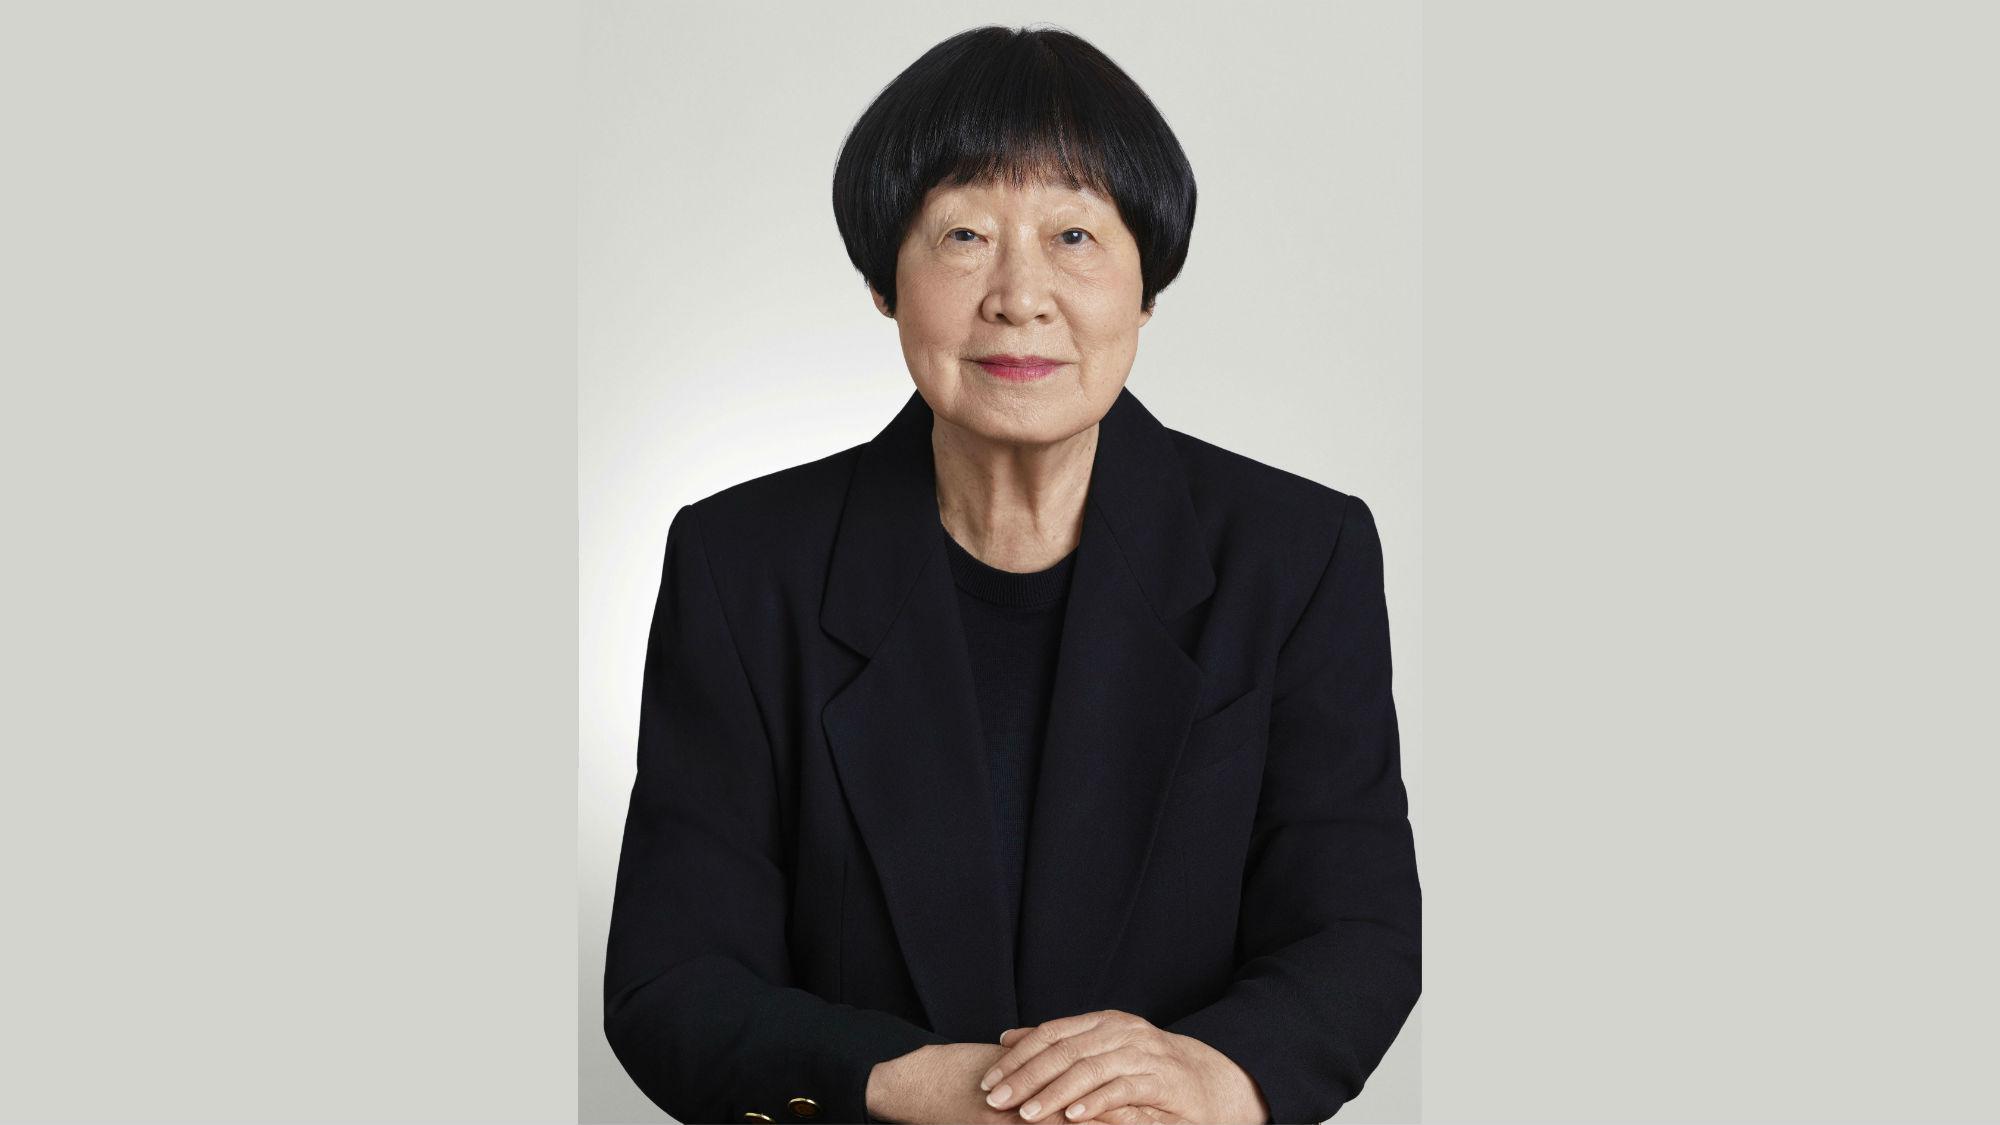 Ми-манн Чан, будучи студенткой, обучалась в МГУ. В 1983 году она стала первой женщиной-директором Института палеонтологии позвоночных и палеоантропологии Китая. В её честь названо несколько видов древних существ.